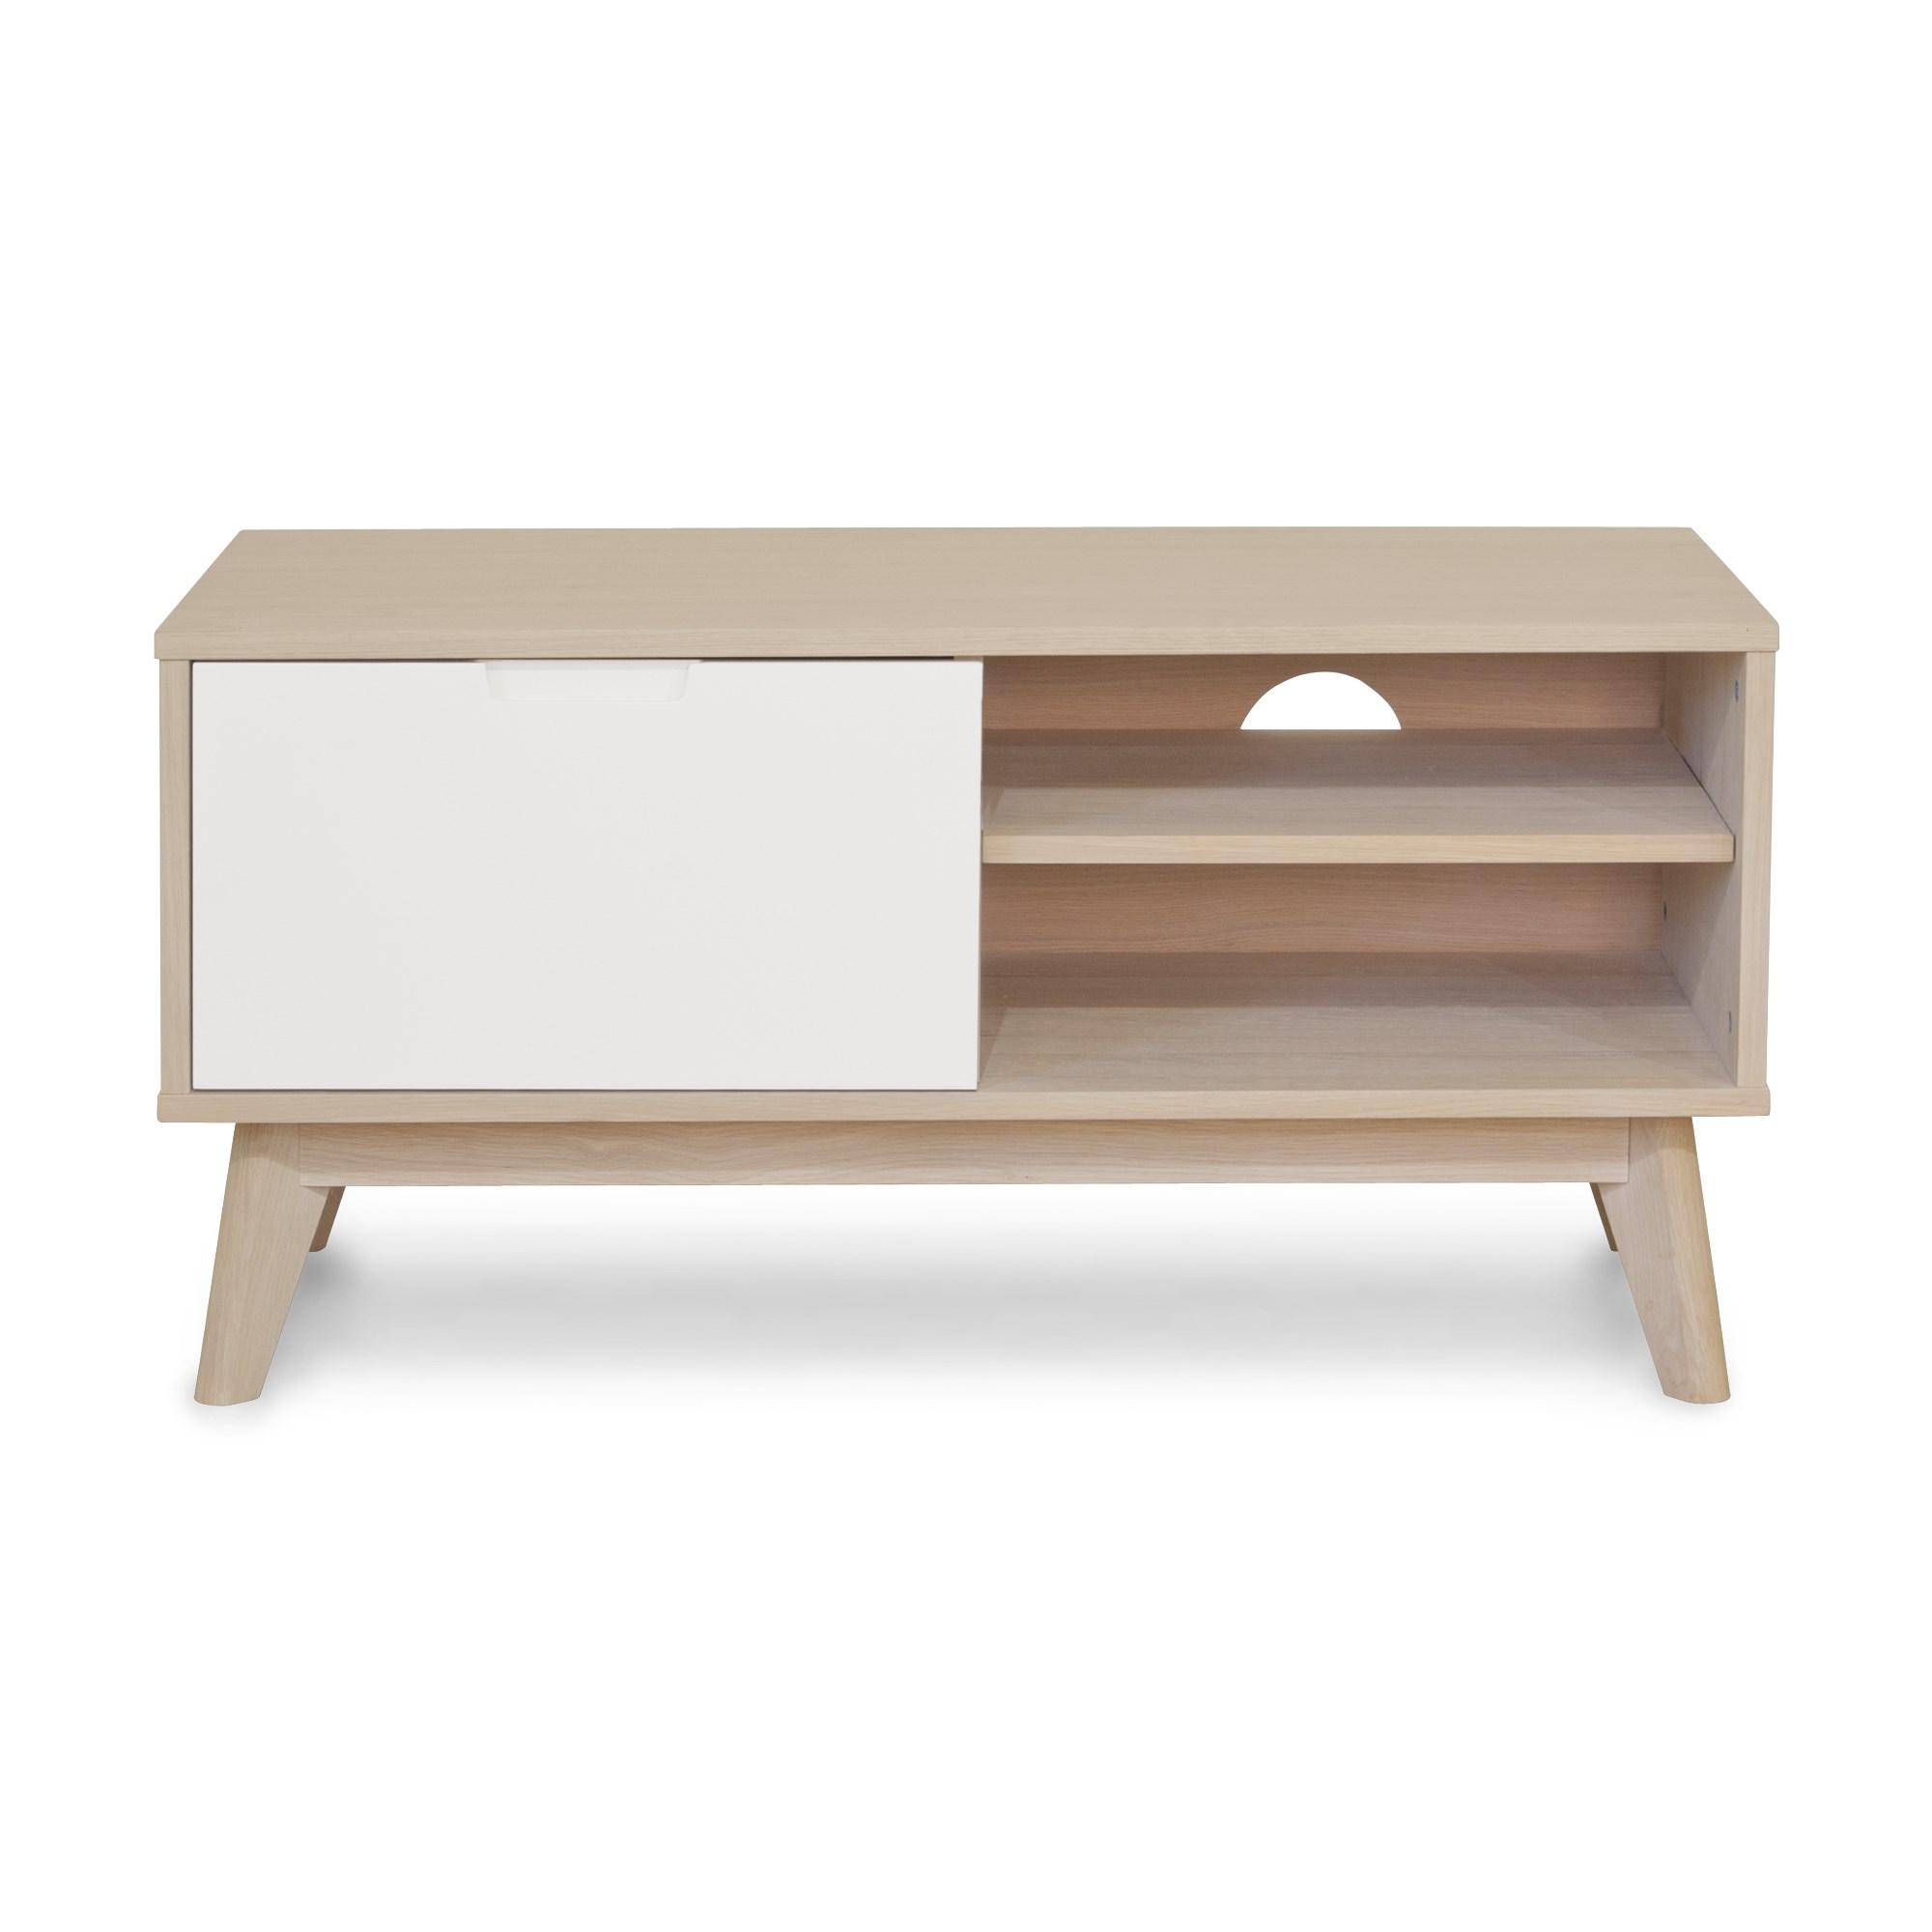 nordic tv m bel medium my home m bler. Black Bedroom Furniture Sets. Home Design Ideas